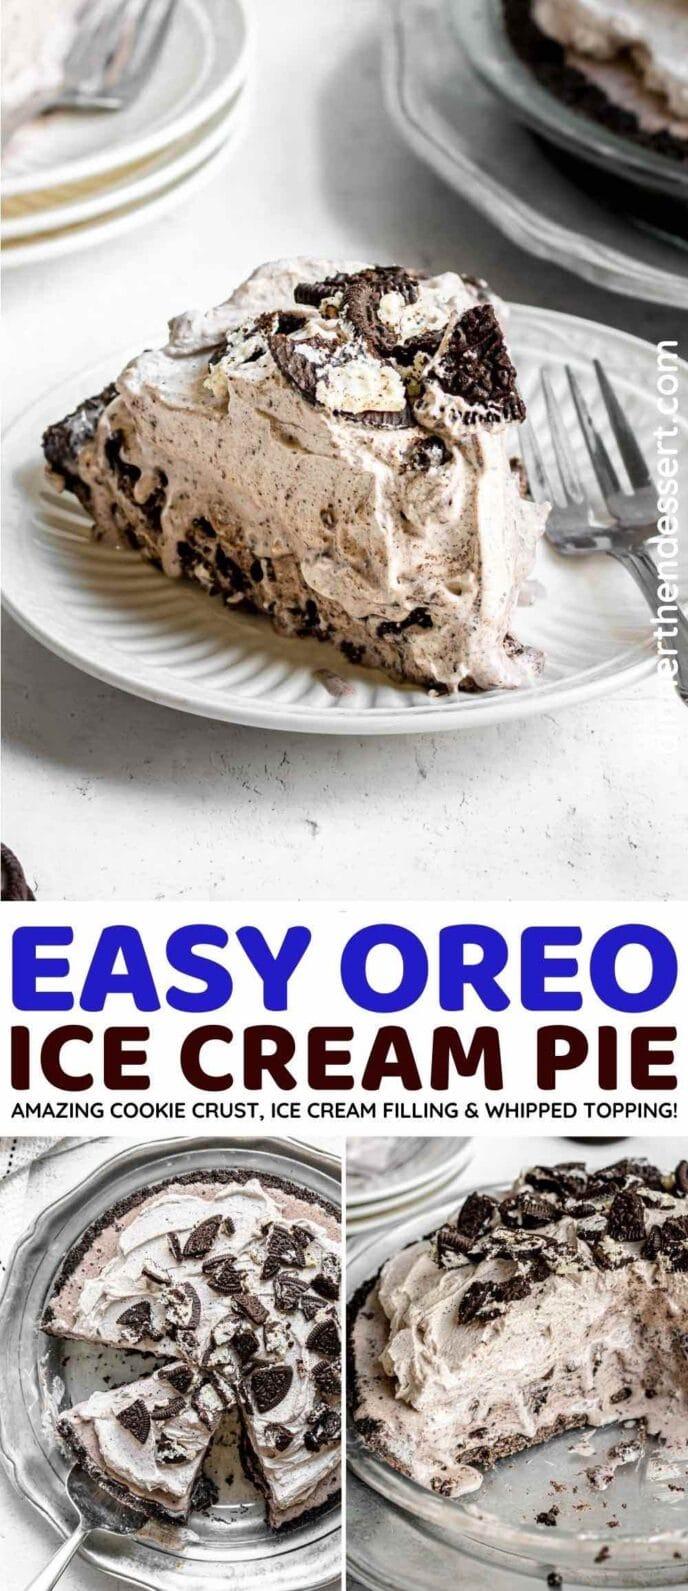 Easy Oreo Ice Cream Pie